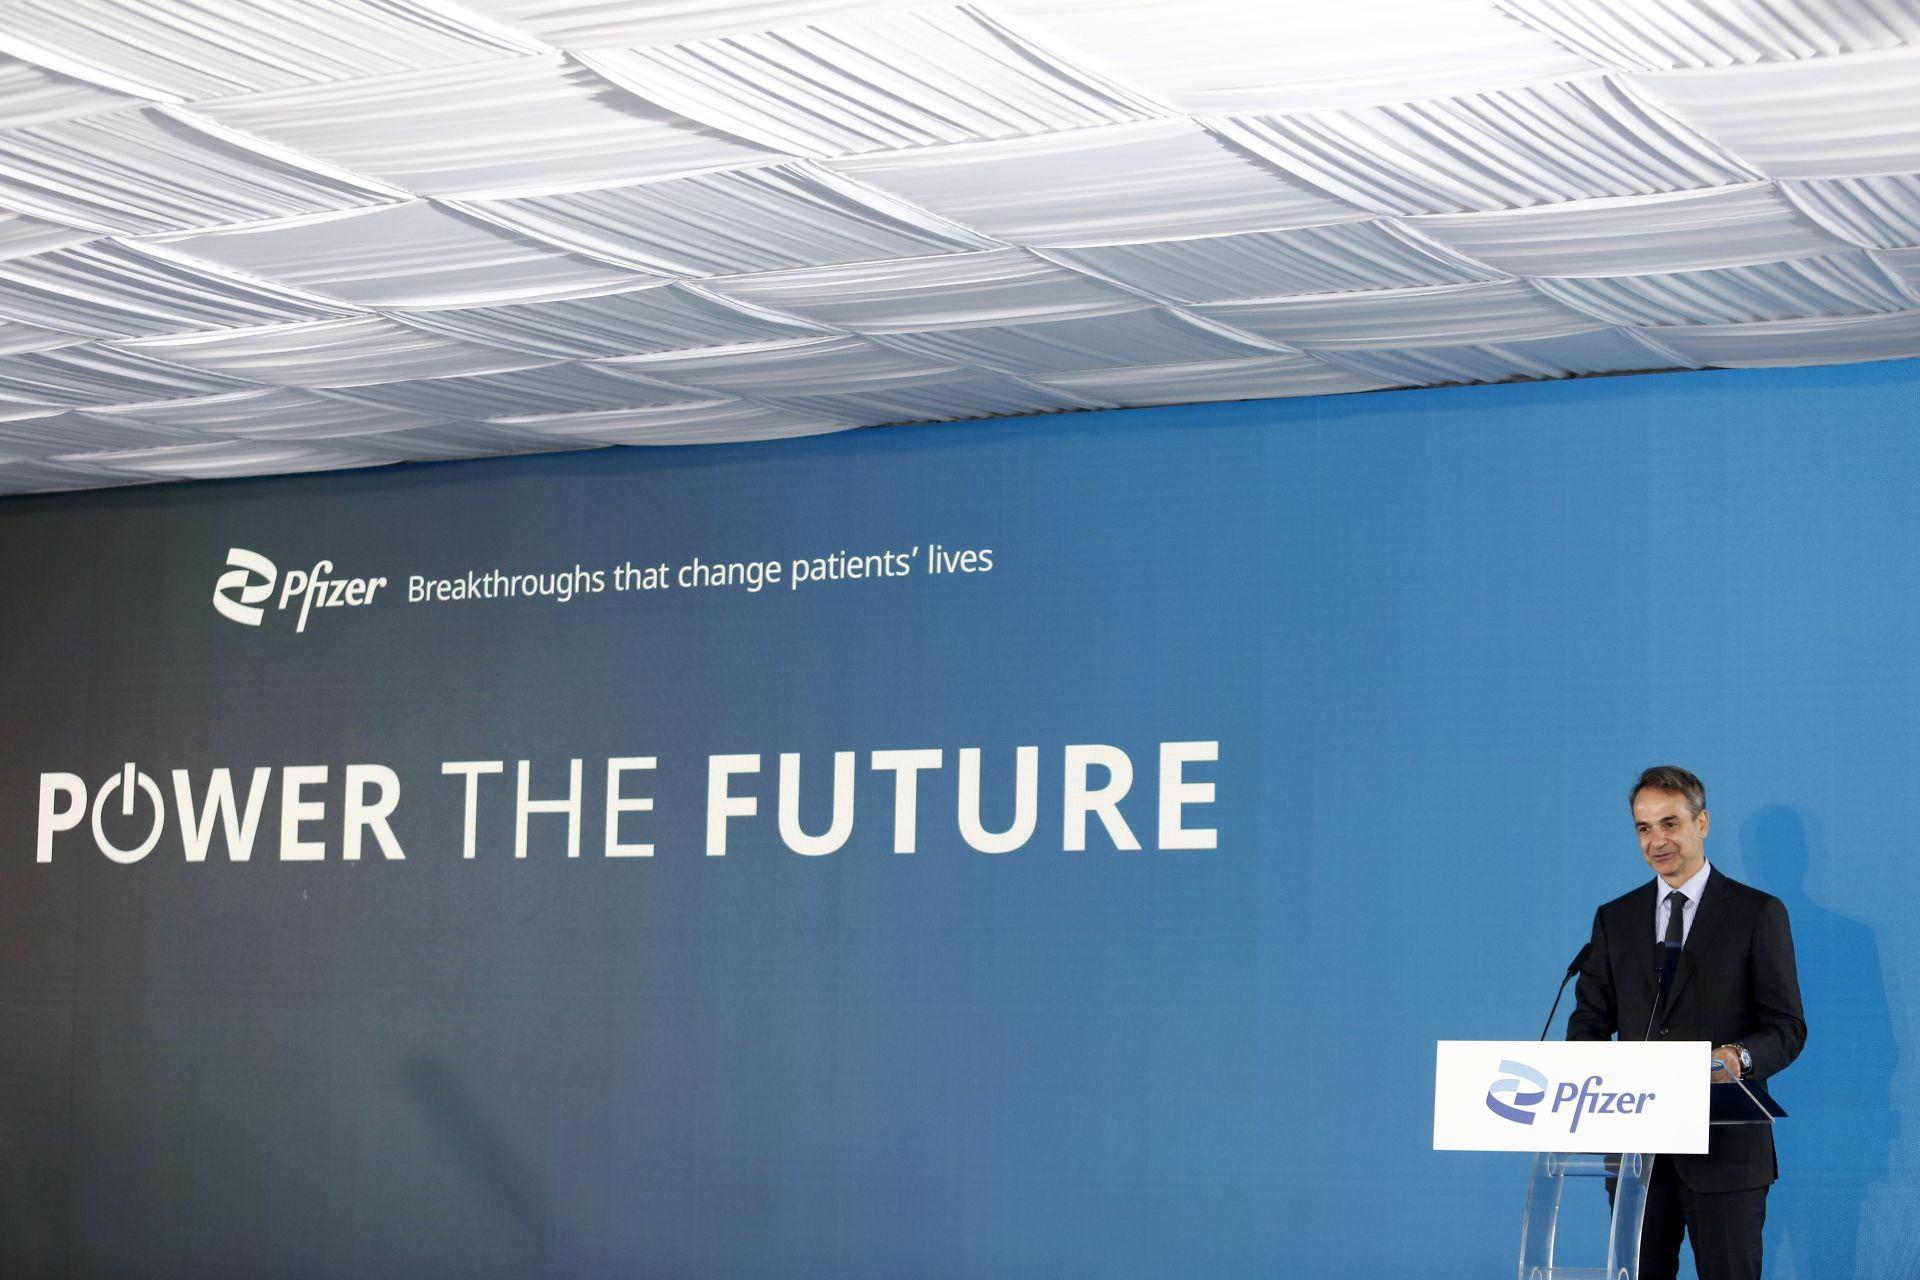 Гръцкият премиер подчерта, че в центровете на Пфайзер от следващата година ще работят 700 висококвалифицирани кадри от различни специалности